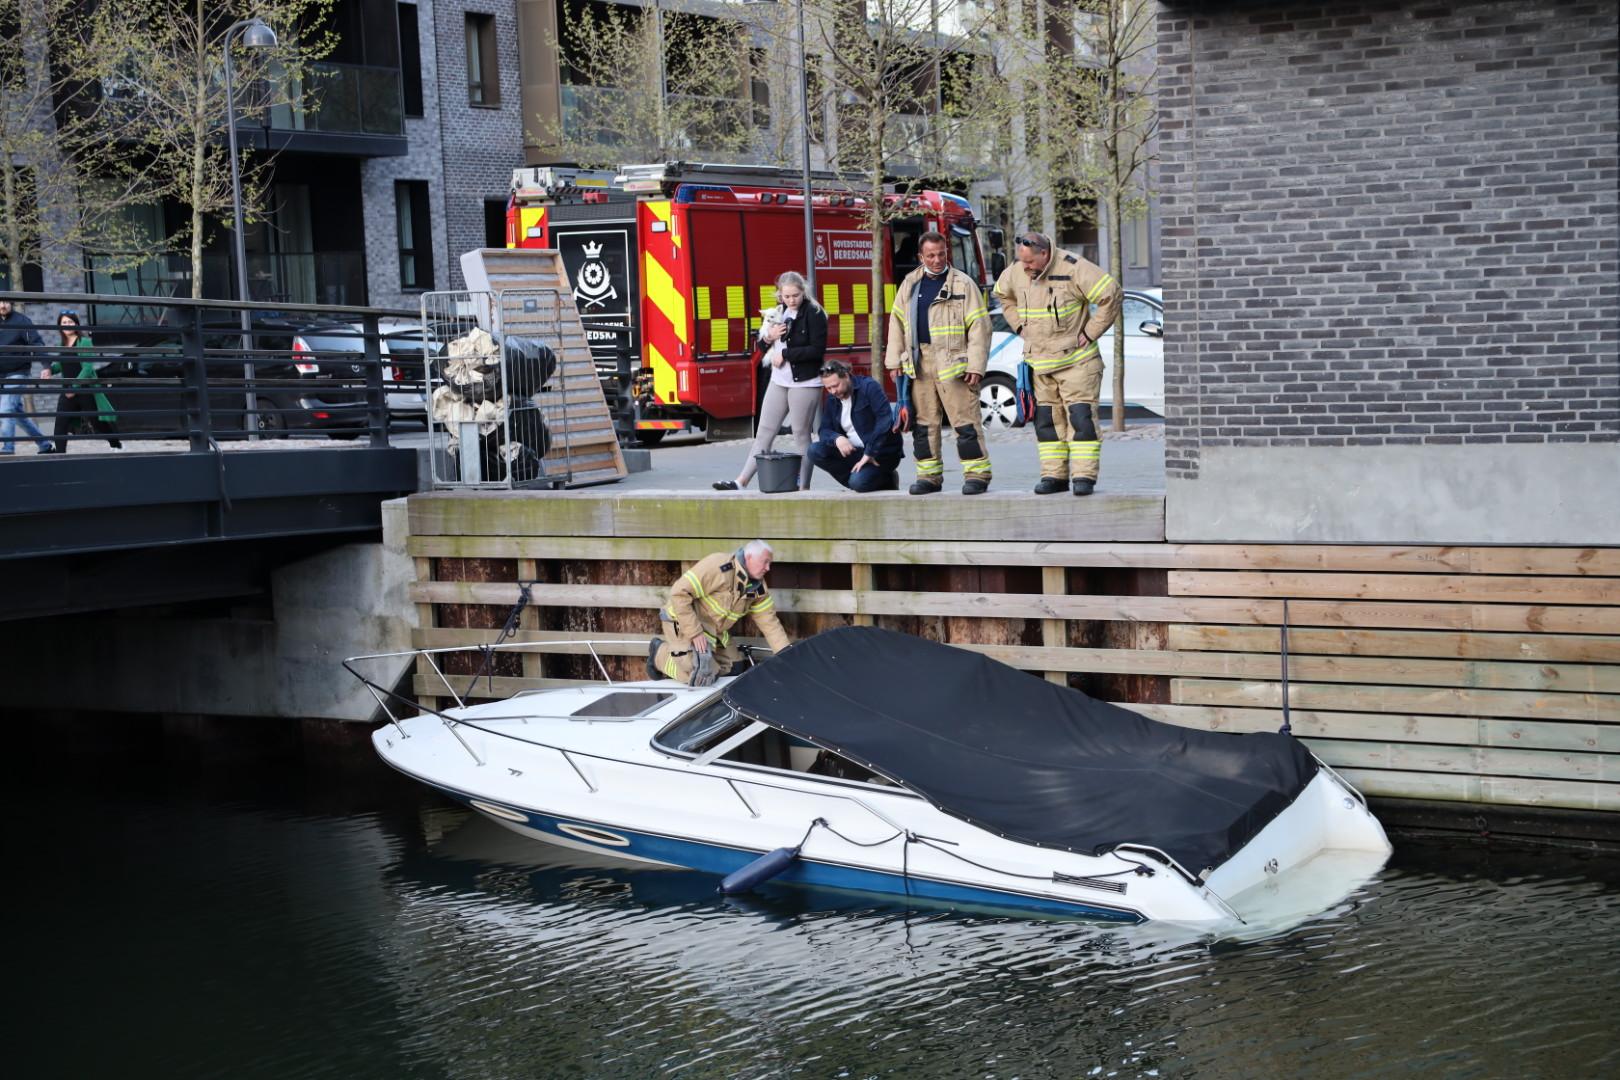 Båd i fare for at synke i København